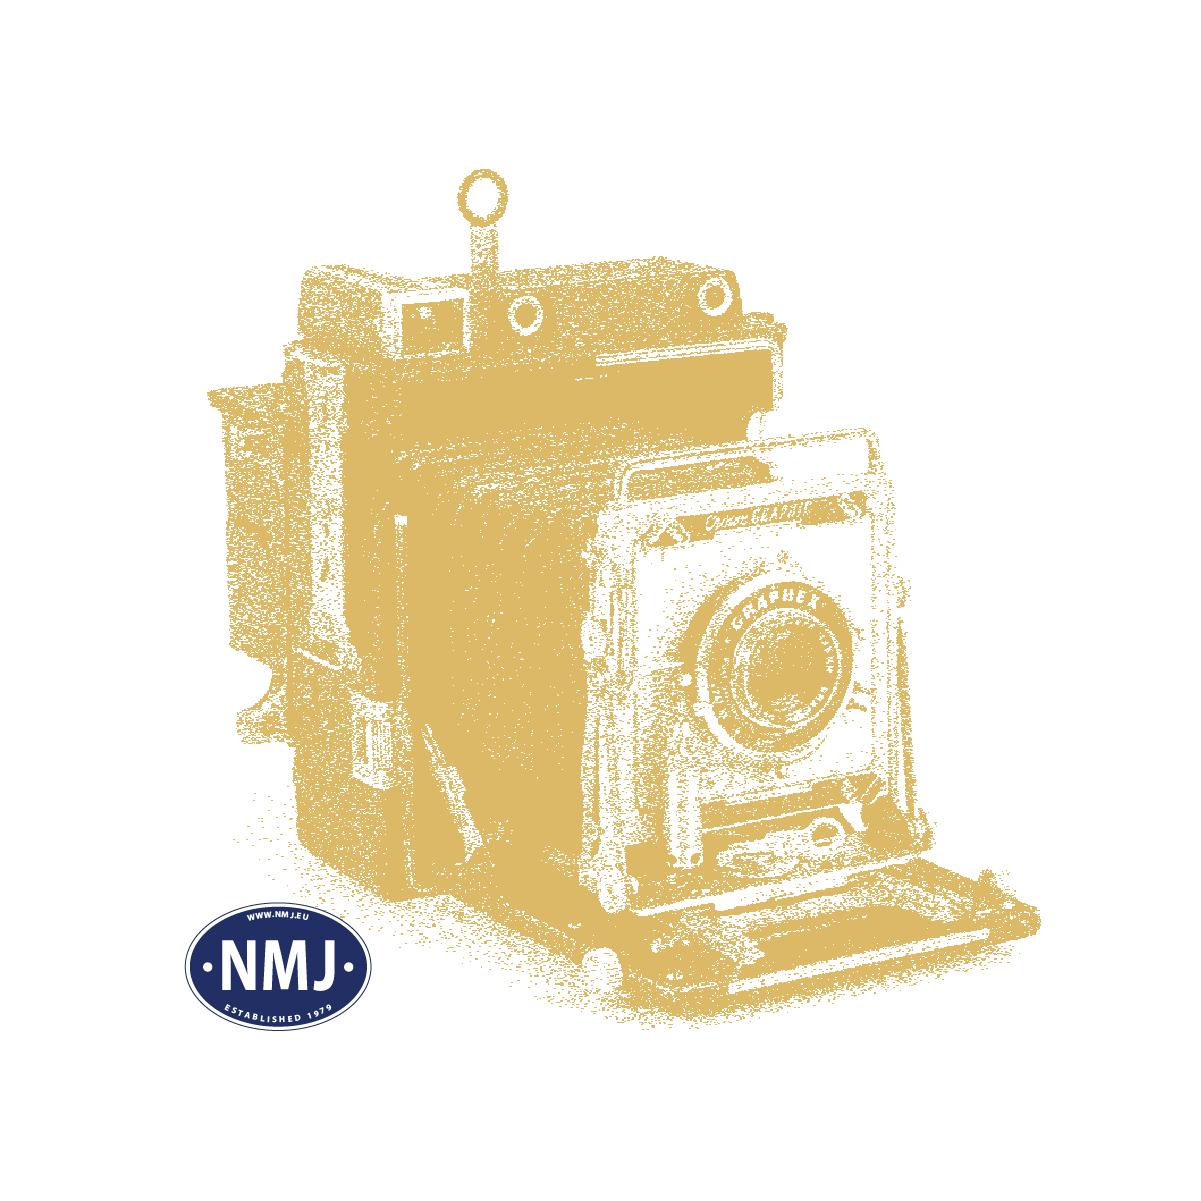 NMJ Superline NSB Stakevogn T3 11398